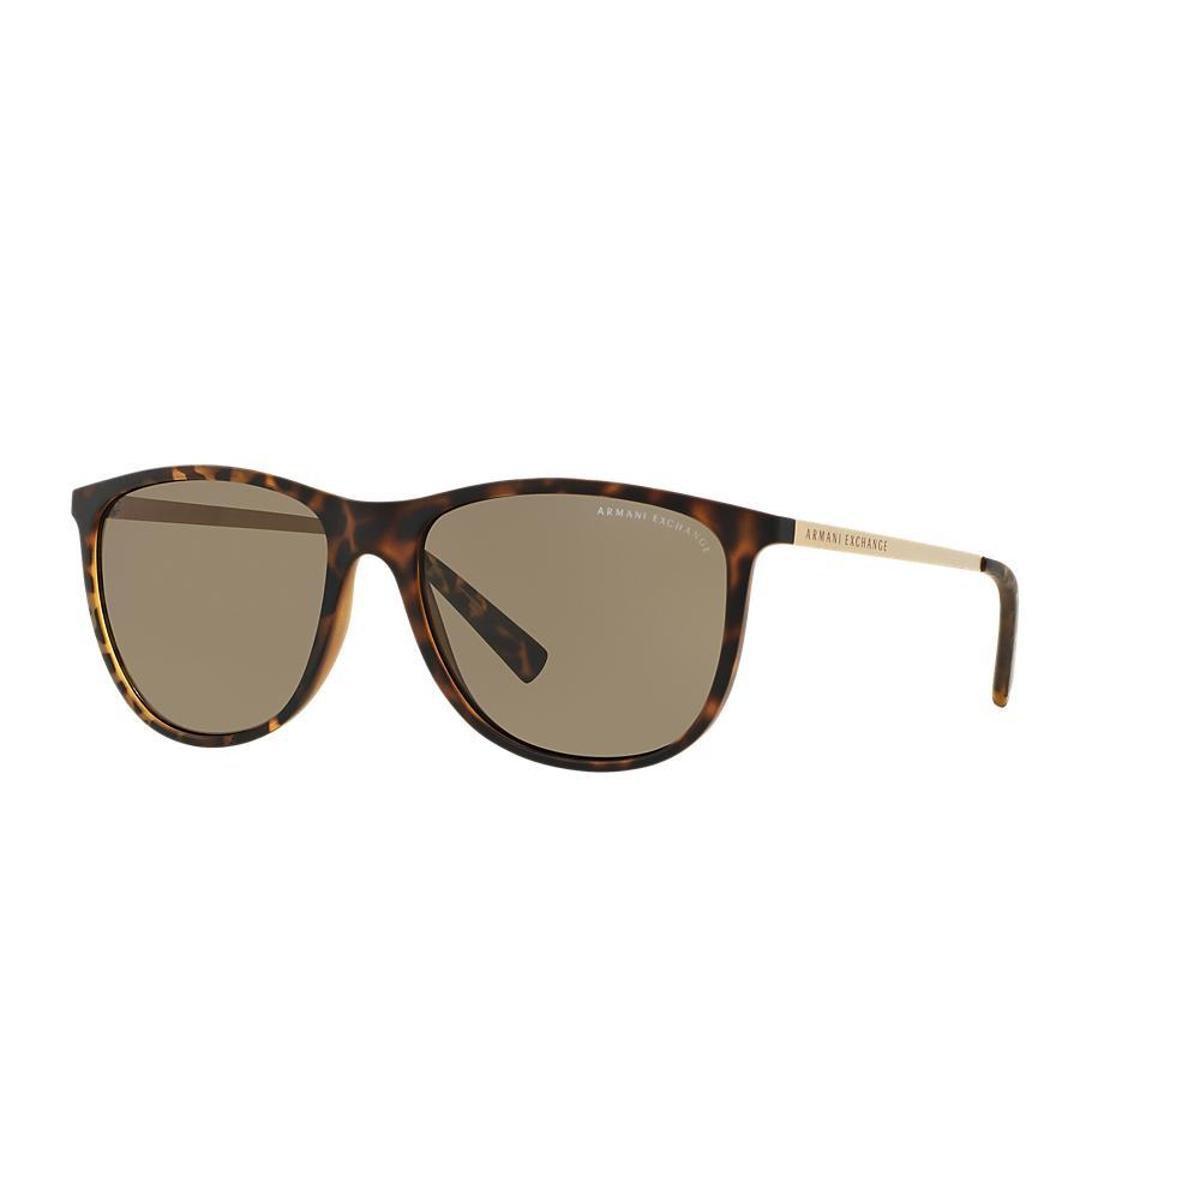 211e7c9227b4d Óculos de Sol Armani Exchange Quadrado AX4047SL Masculino - Marrom ...